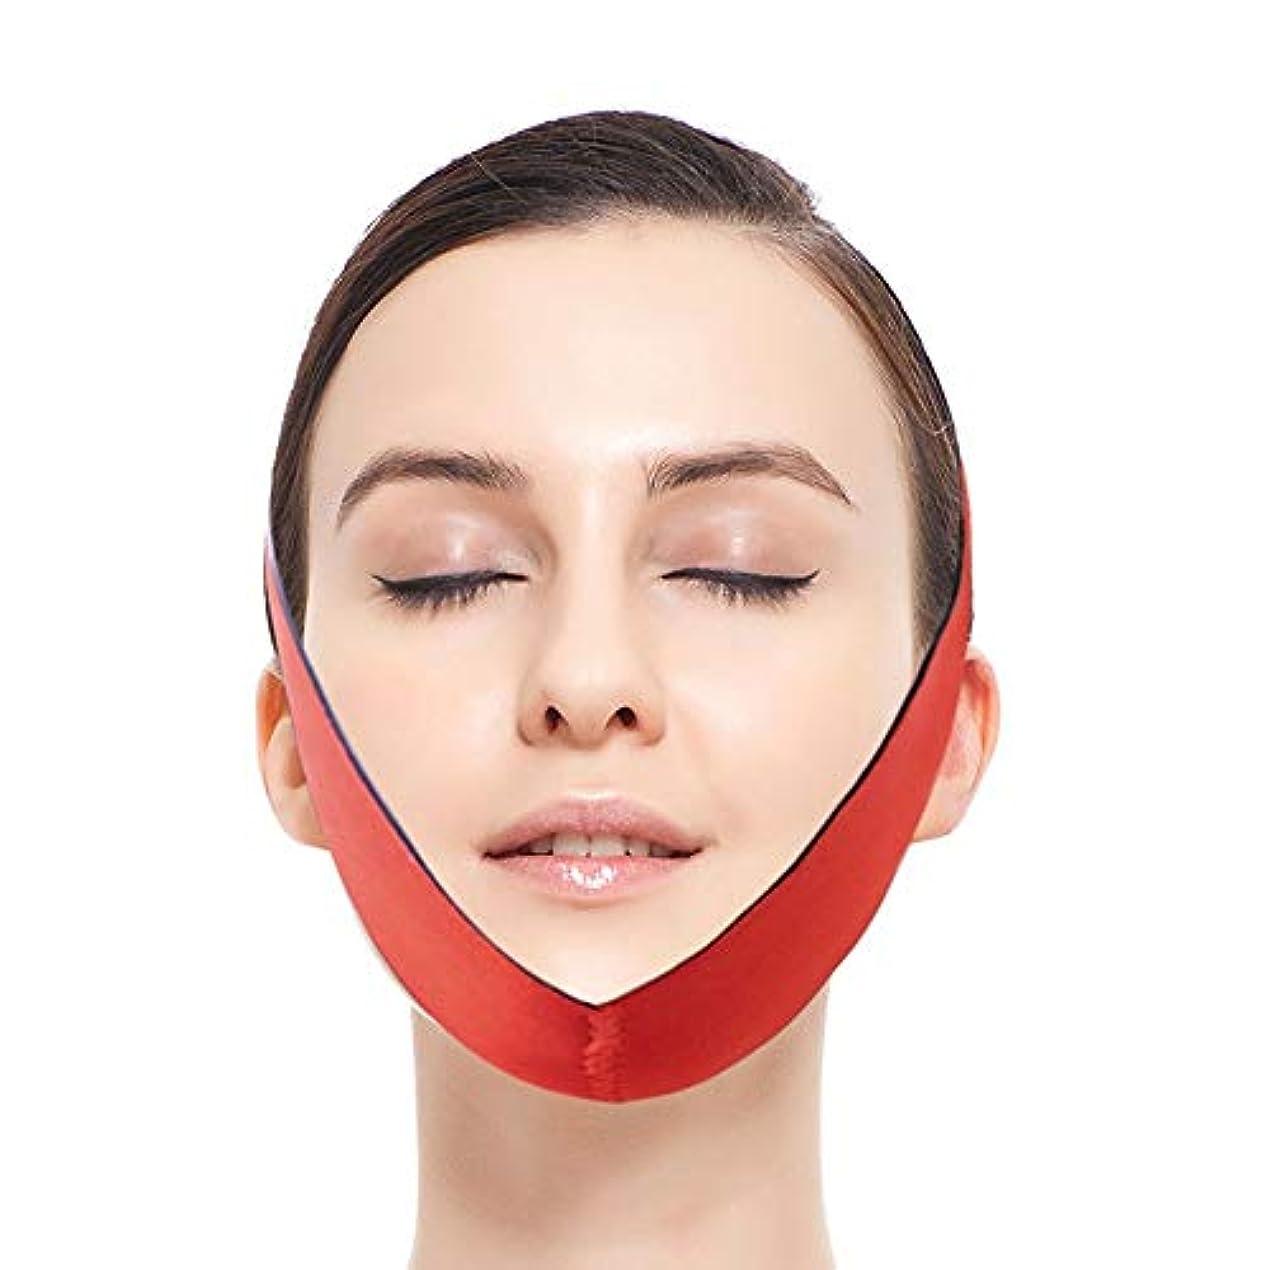 ストライプ広い言うまでもなくフェイスリフティングアーティファクトVフェイス包帯マスクダブルあご引き締め顔薄い咬傷筋肉下顎矯正顔